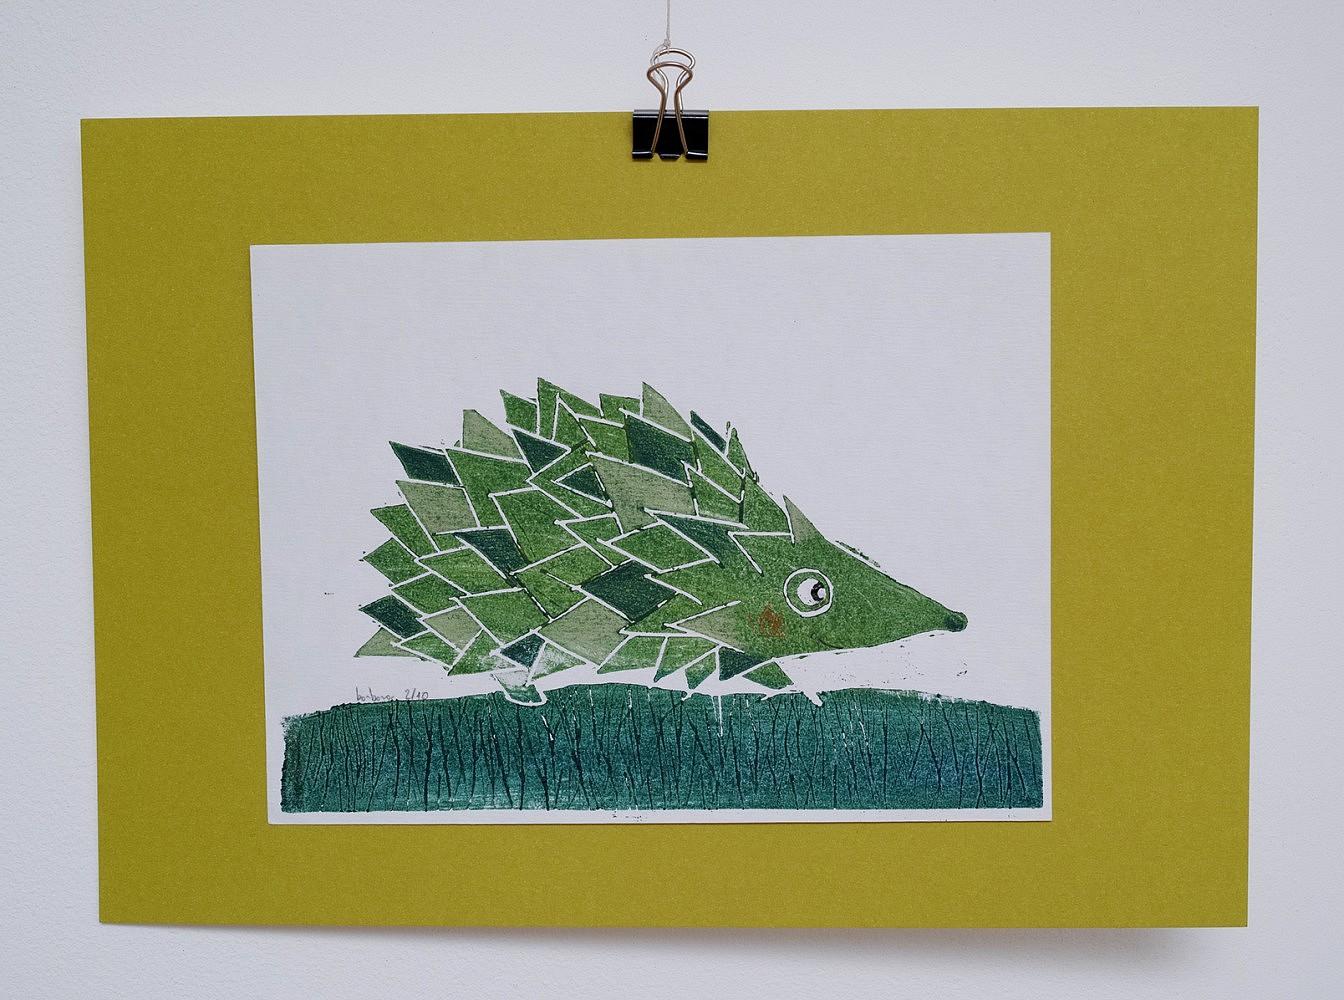 Linogravure du petit hérisson   ref-G-0127-2015,<br/>Linogravure  imprimée en vert, rehaussée au crayon- Format 15 x 20 cm + fond vert de 21 x 30 cm<br/> Prix de vente 15€ + 5€ de frais d'expédition